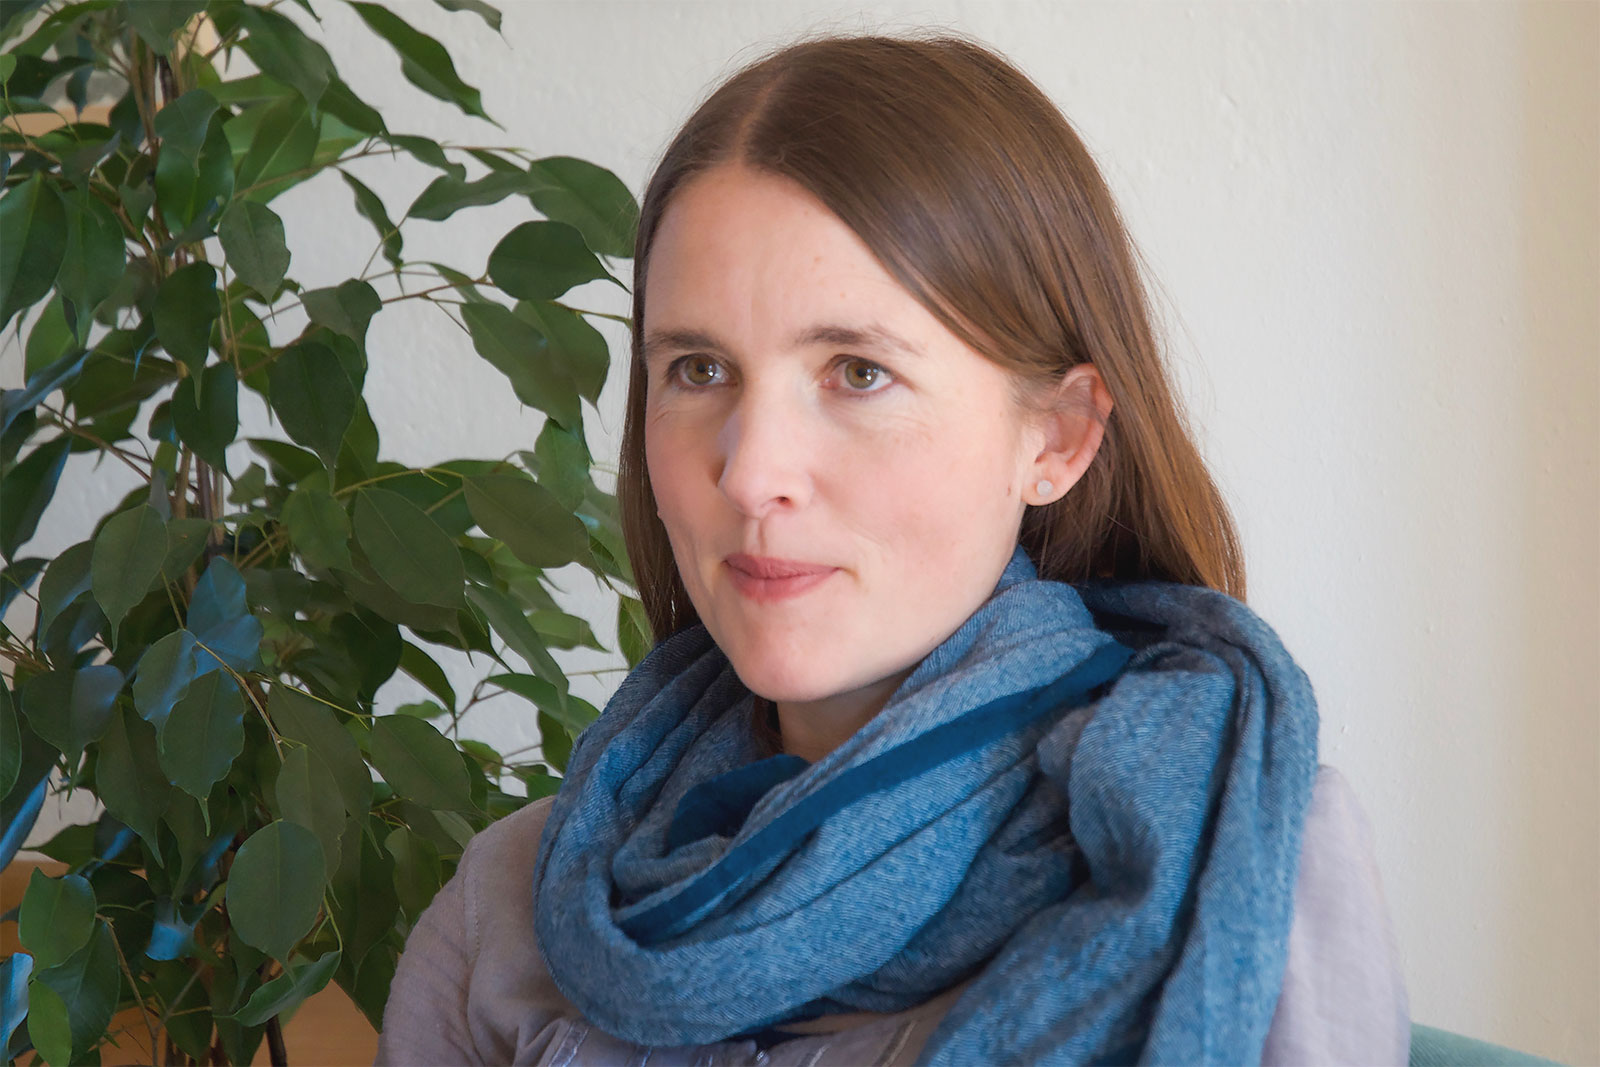 Annette Bonomo